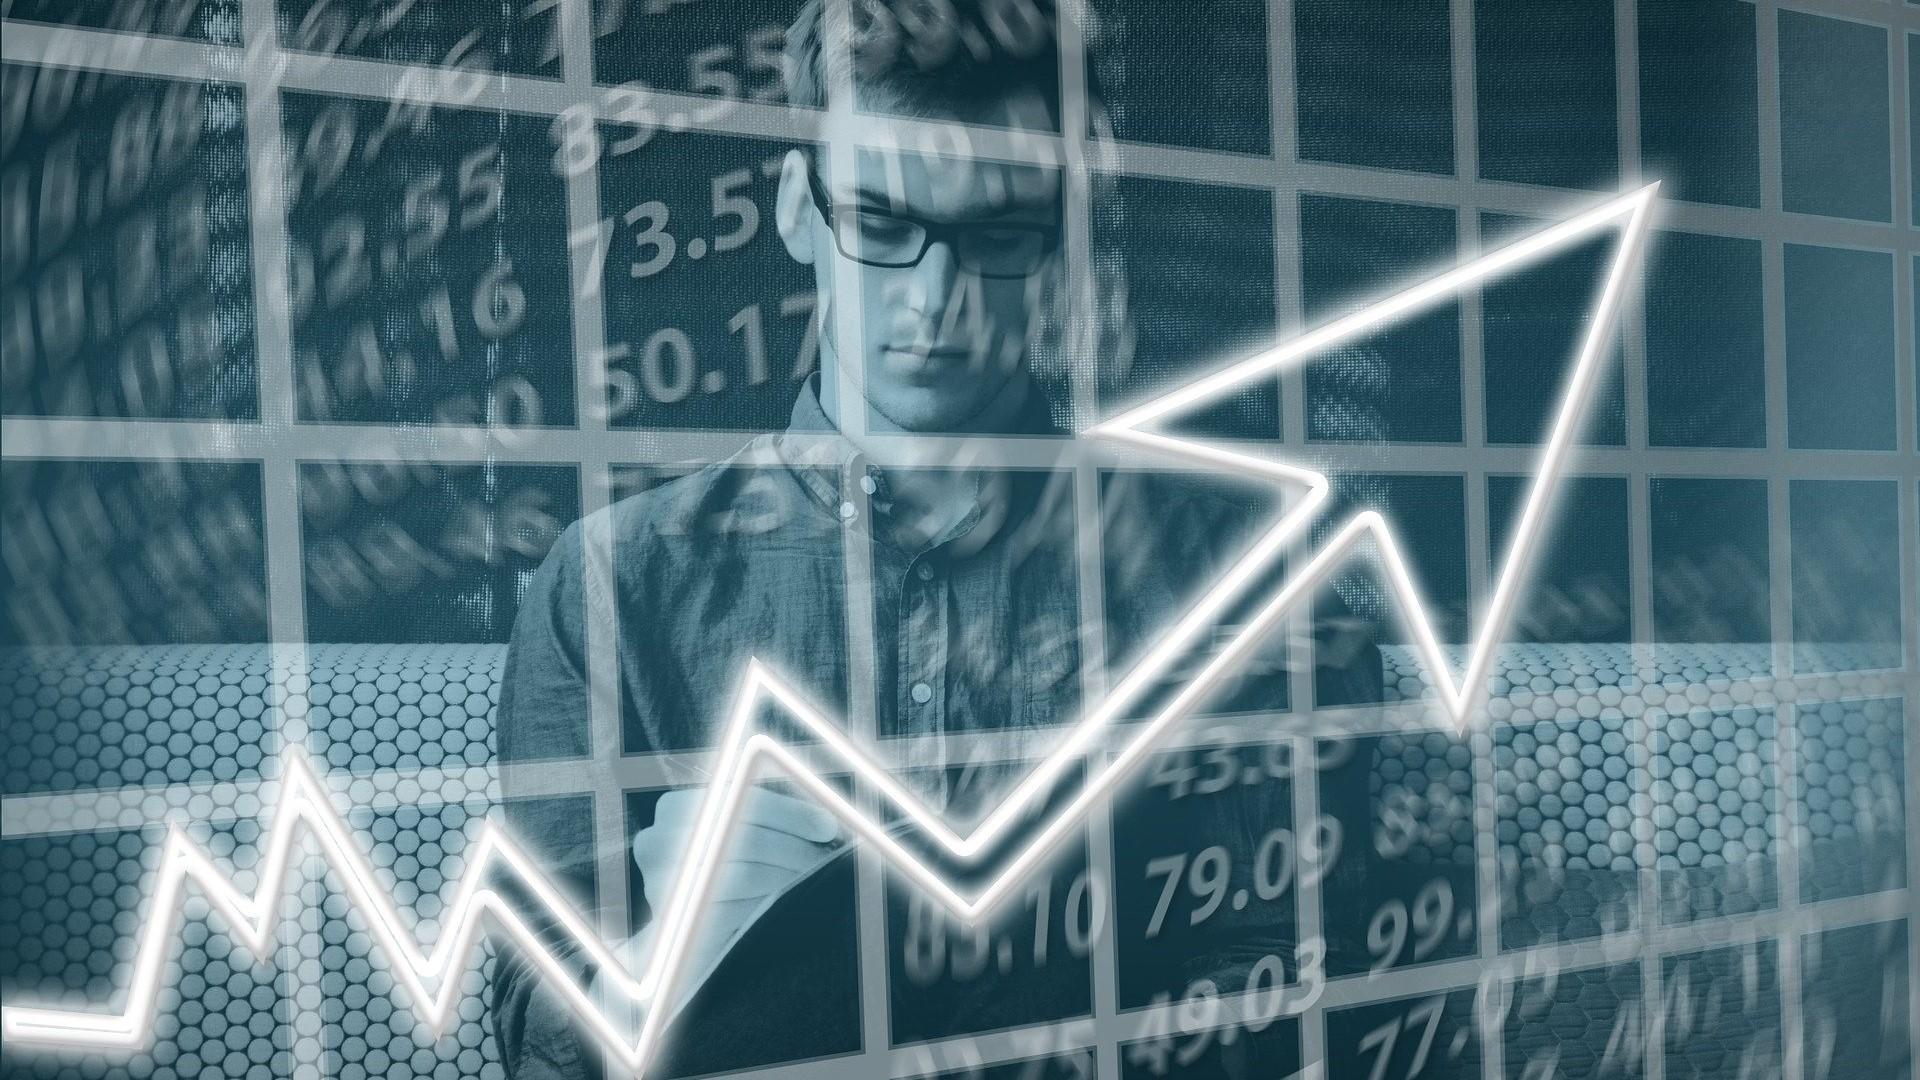 Trading 212: Konto löschen - Voraussetzung und Anleitung